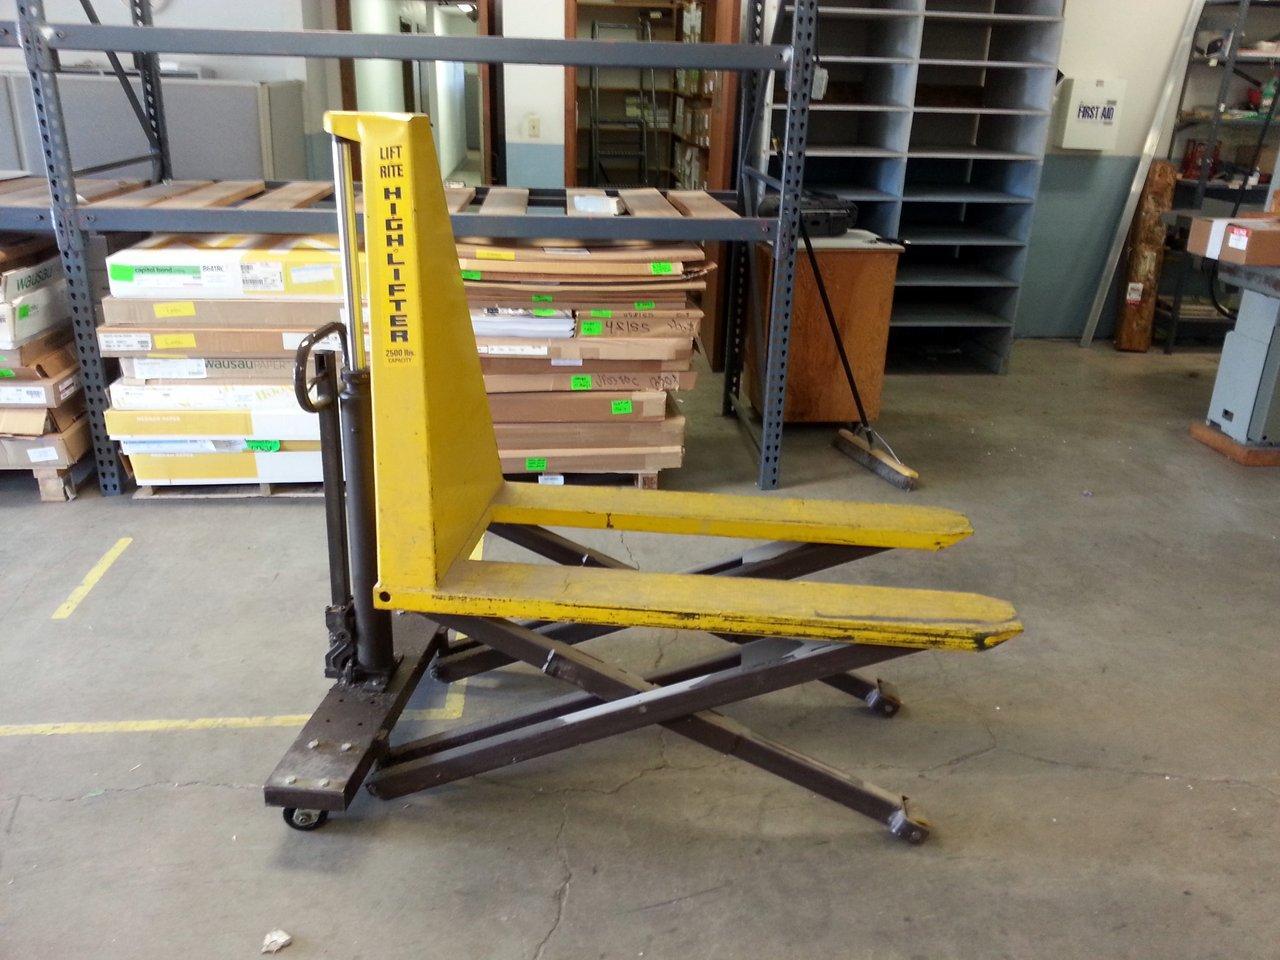 High Lift/Scissor Lift Pallet Jack 3300 Lb. Capacity ...  |High Lift Pallet Jack